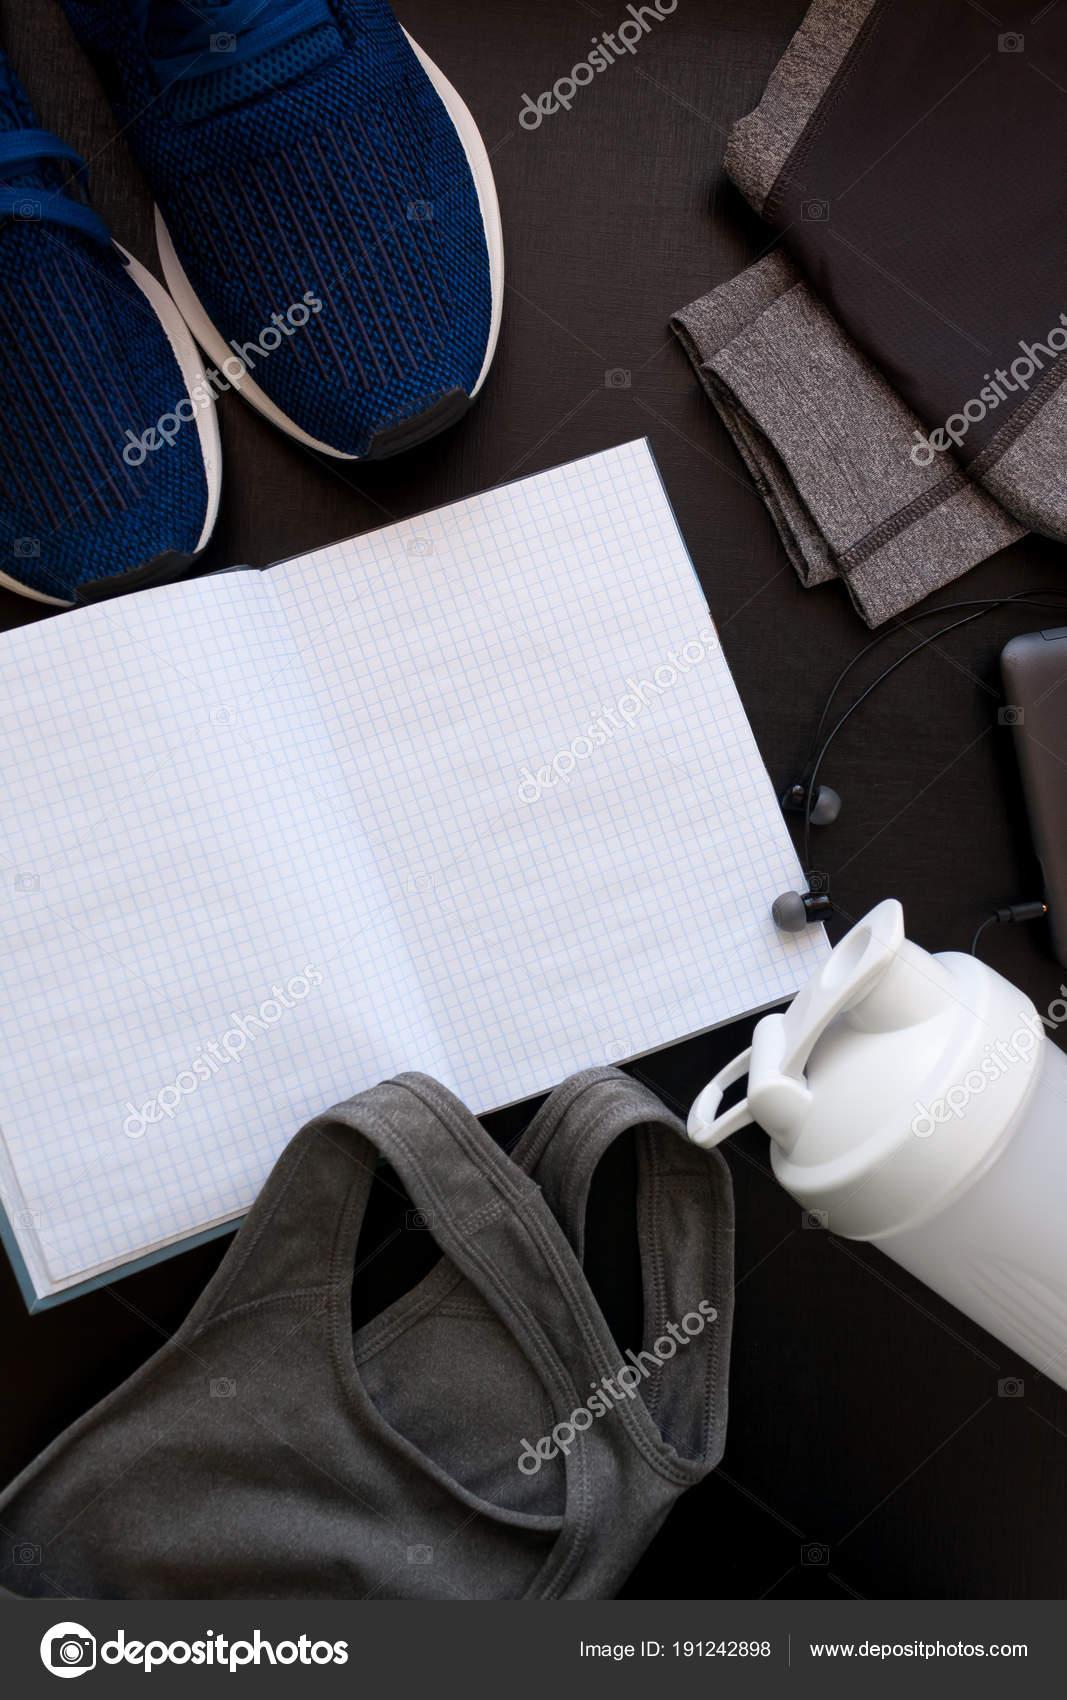 Rahmen mit dem Bild von einem Sport-Uniform, Schuhe, Rucksack, Tops ...